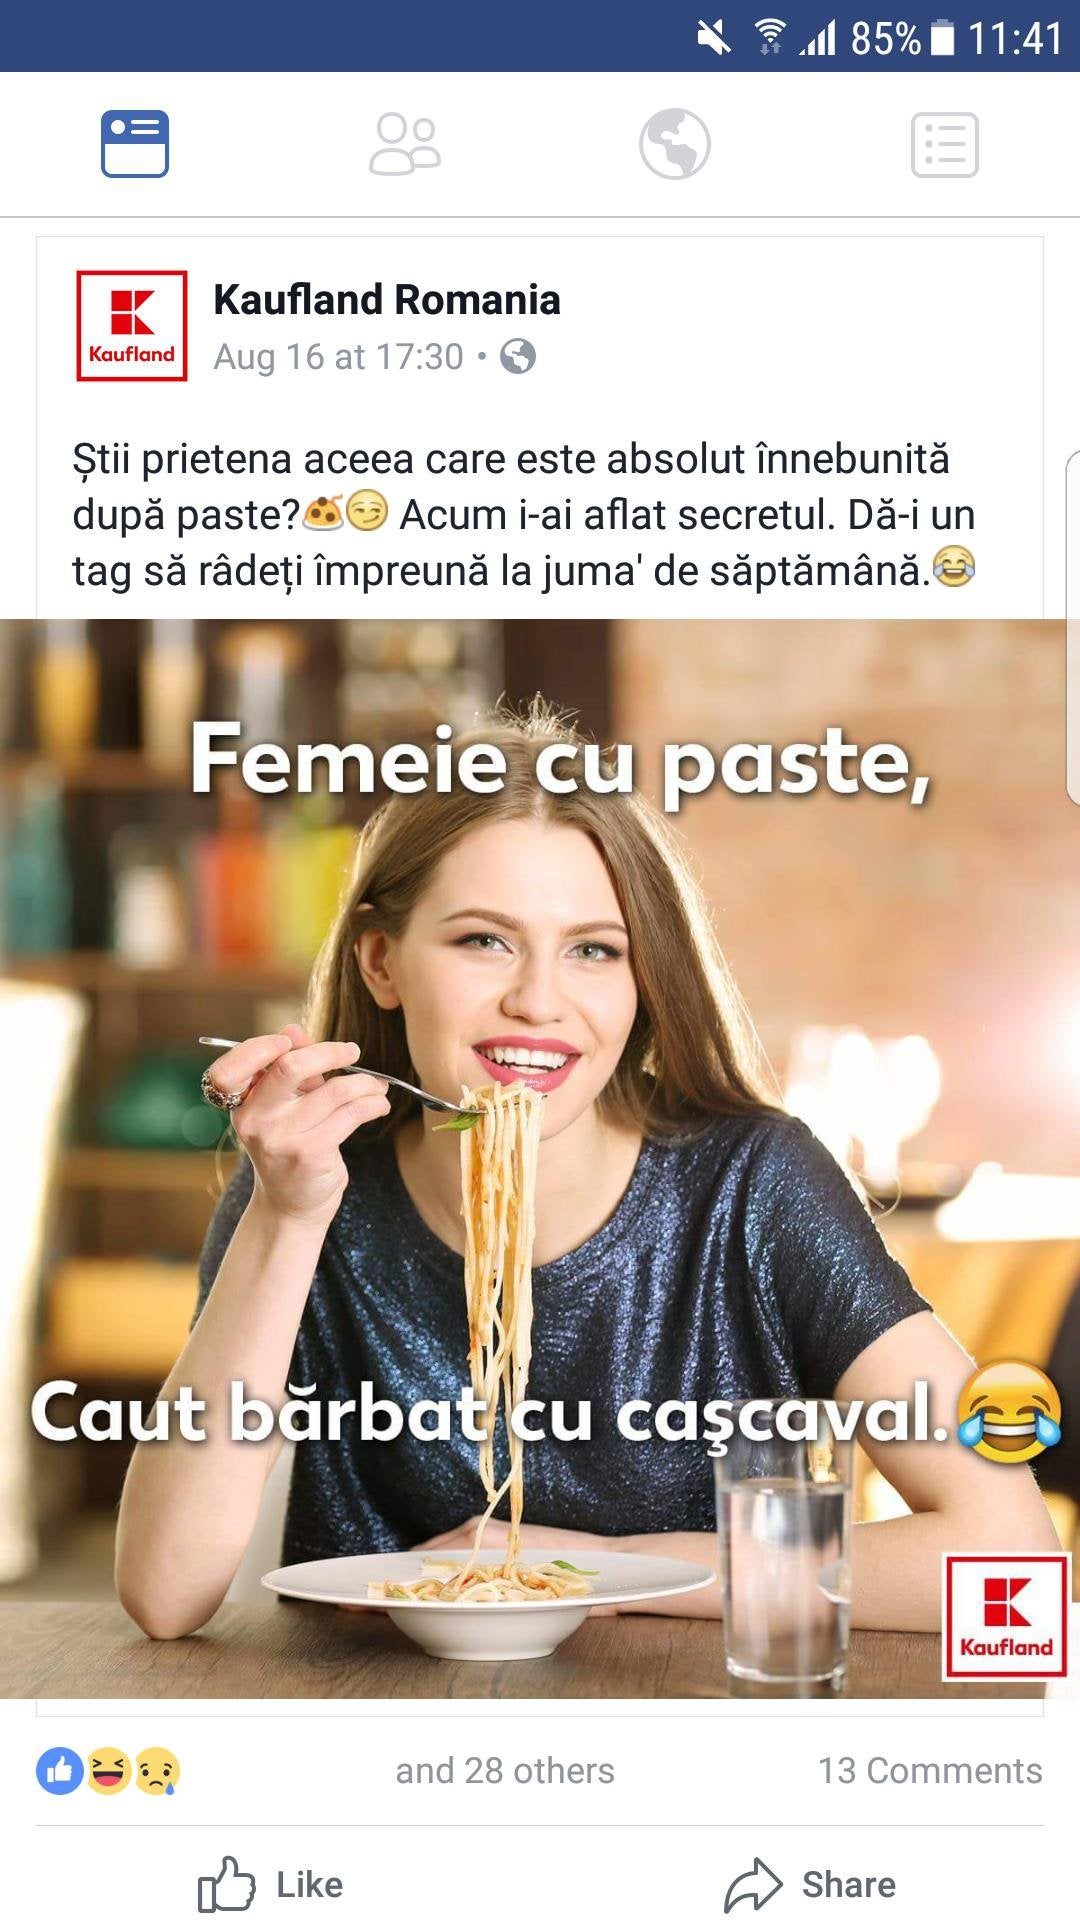 bărbat care caută reclame pentru femei)